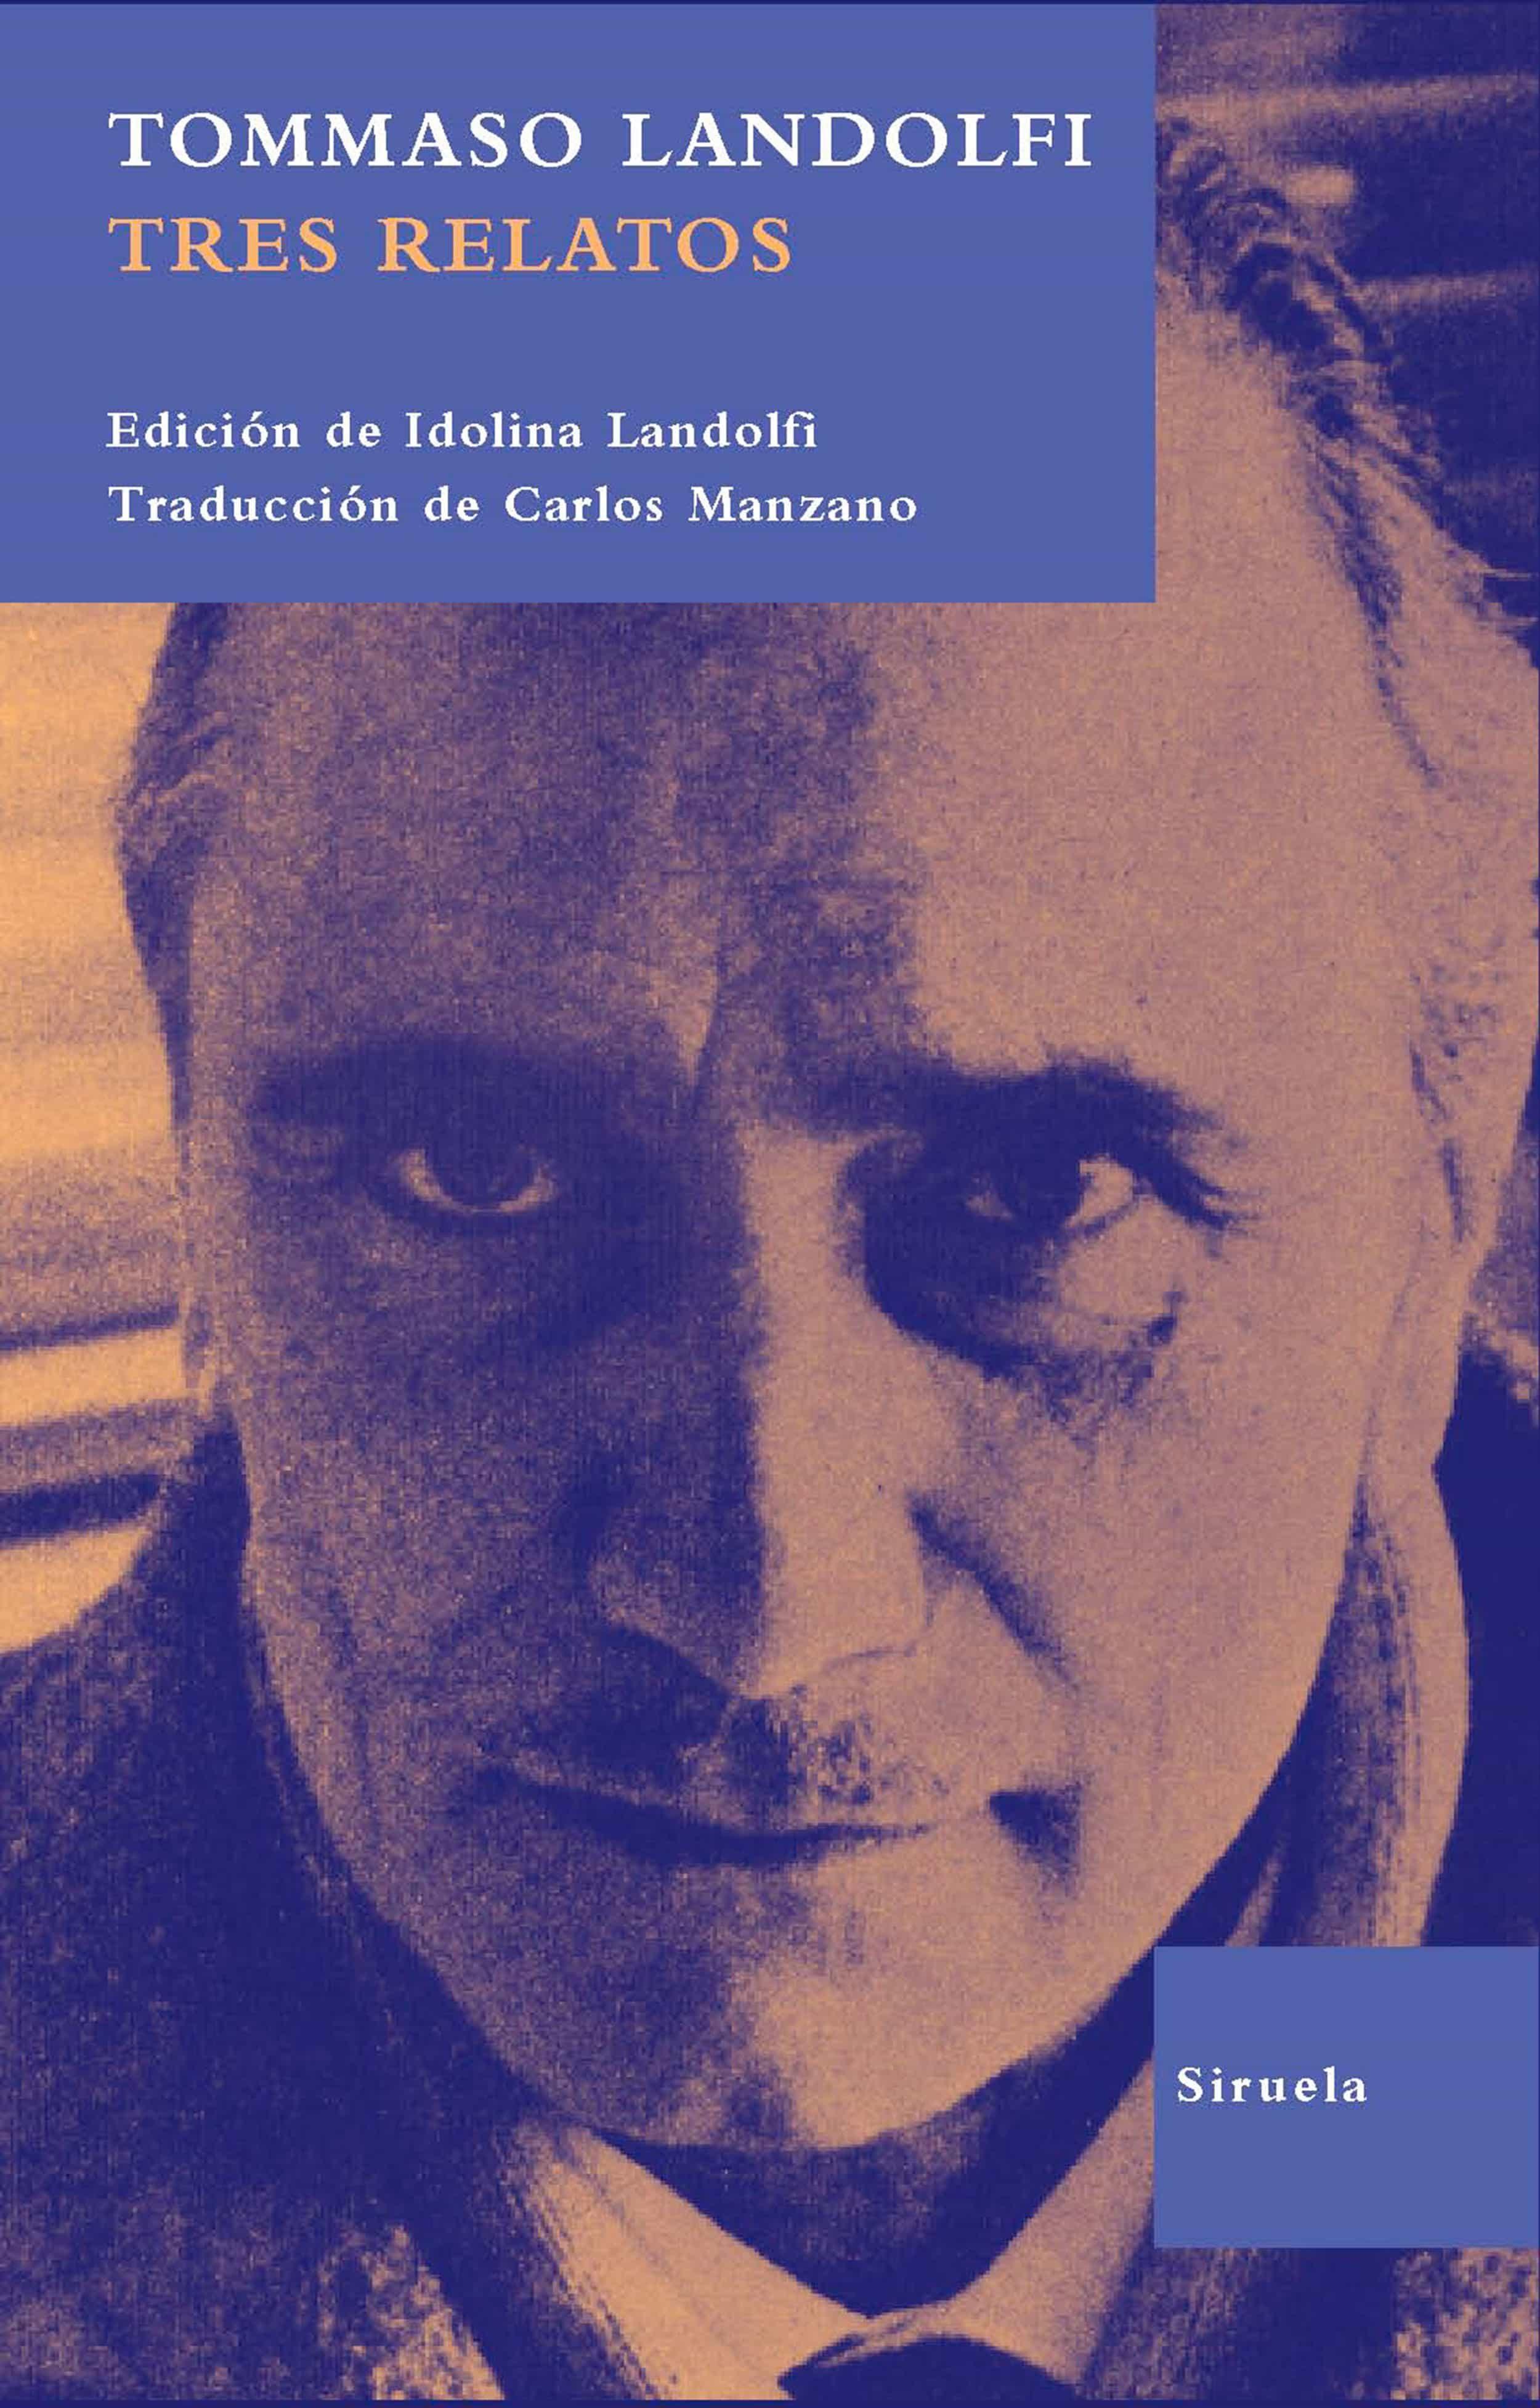 Tres Relatos por Tommaso Landolfi Gratis